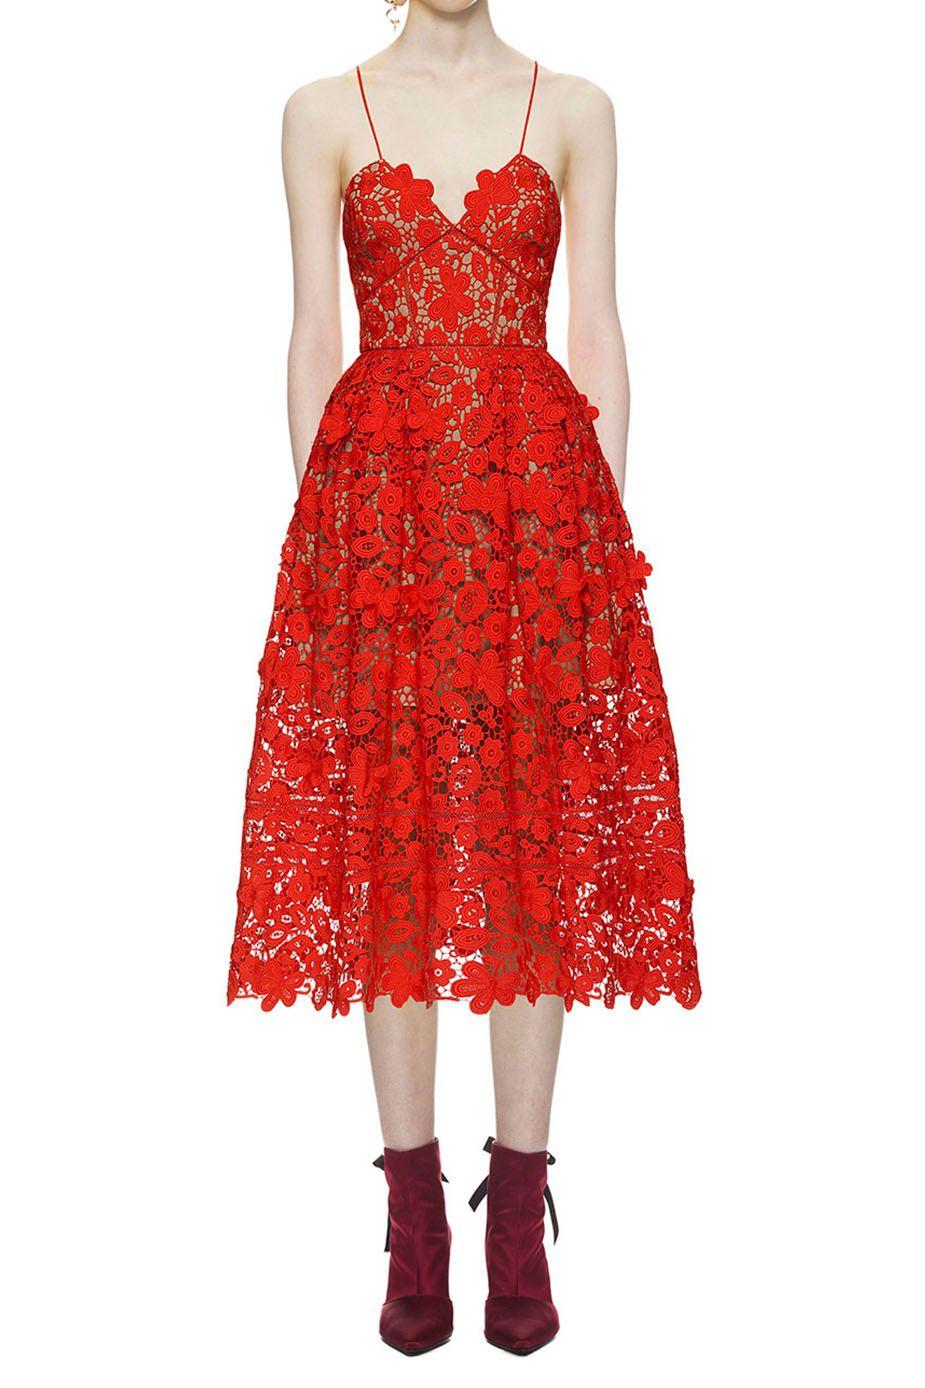 1e9189df5f3f $309.00 Self Portrait 3d Floral Azaelea Lace Dress In Tomato Red ...